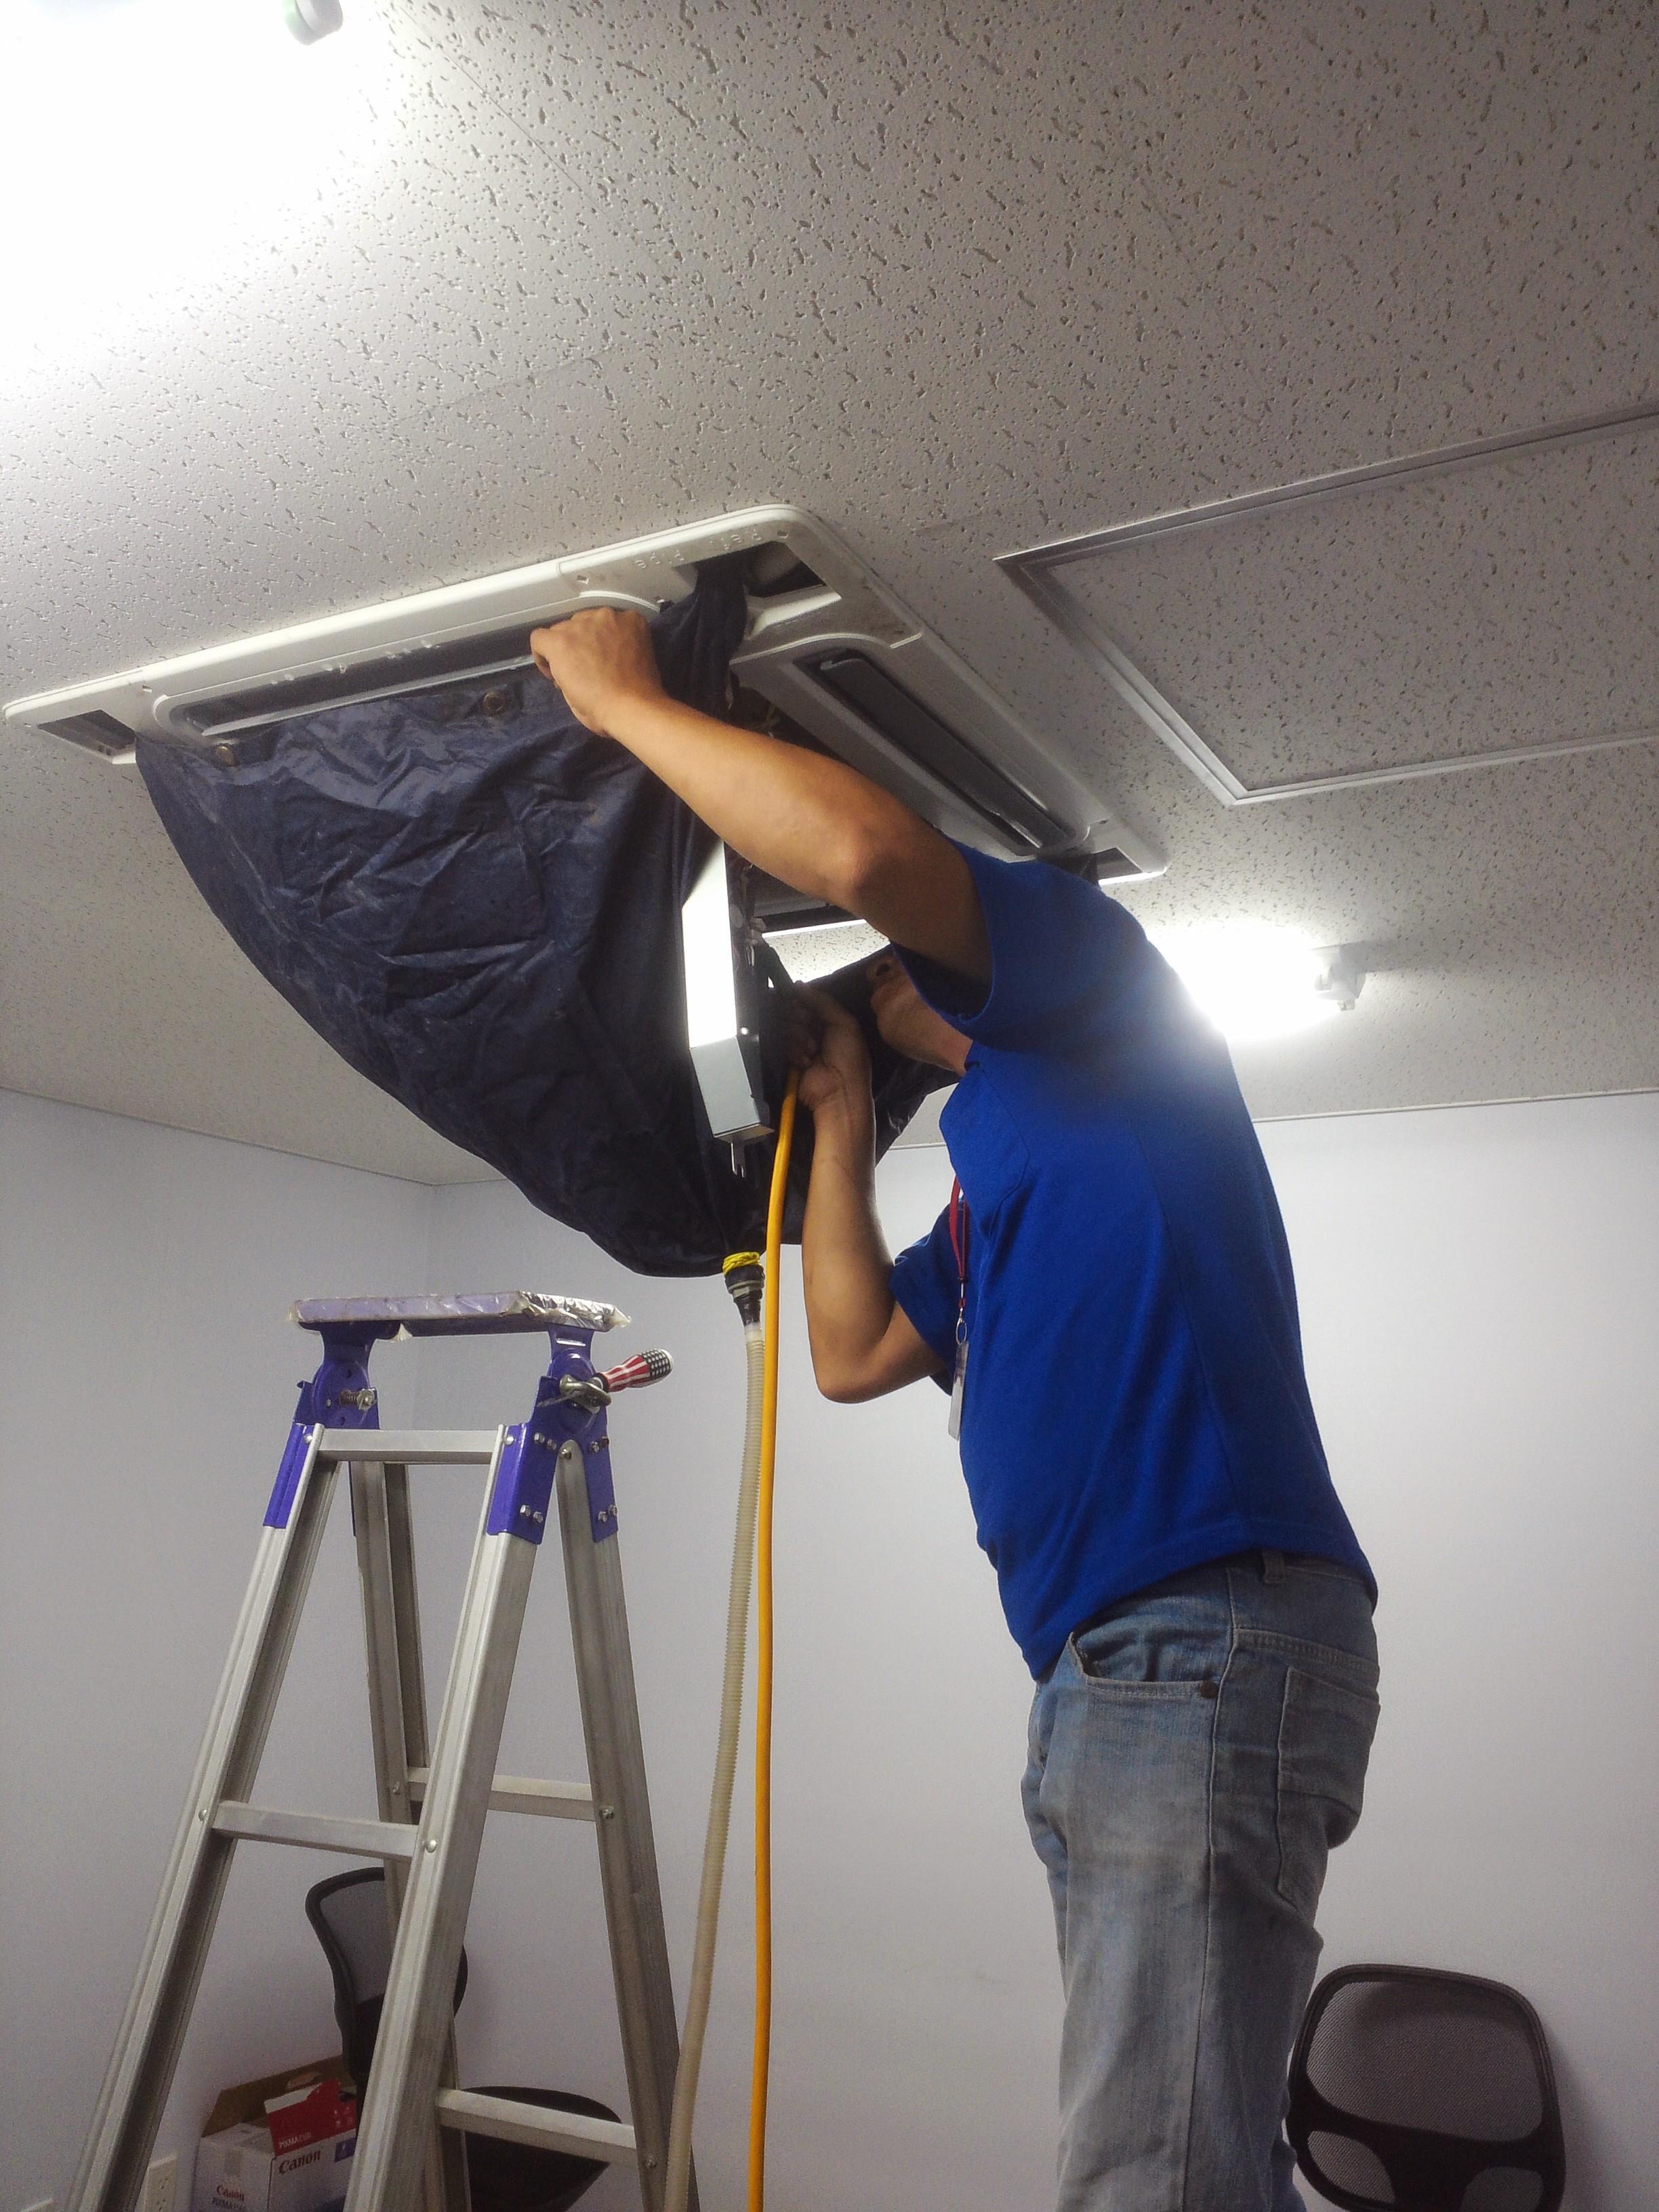 Chuyên nhận vệ sinh máy lạnh trung tâm các toà nhà, căn hộ và các khu công nghiệp